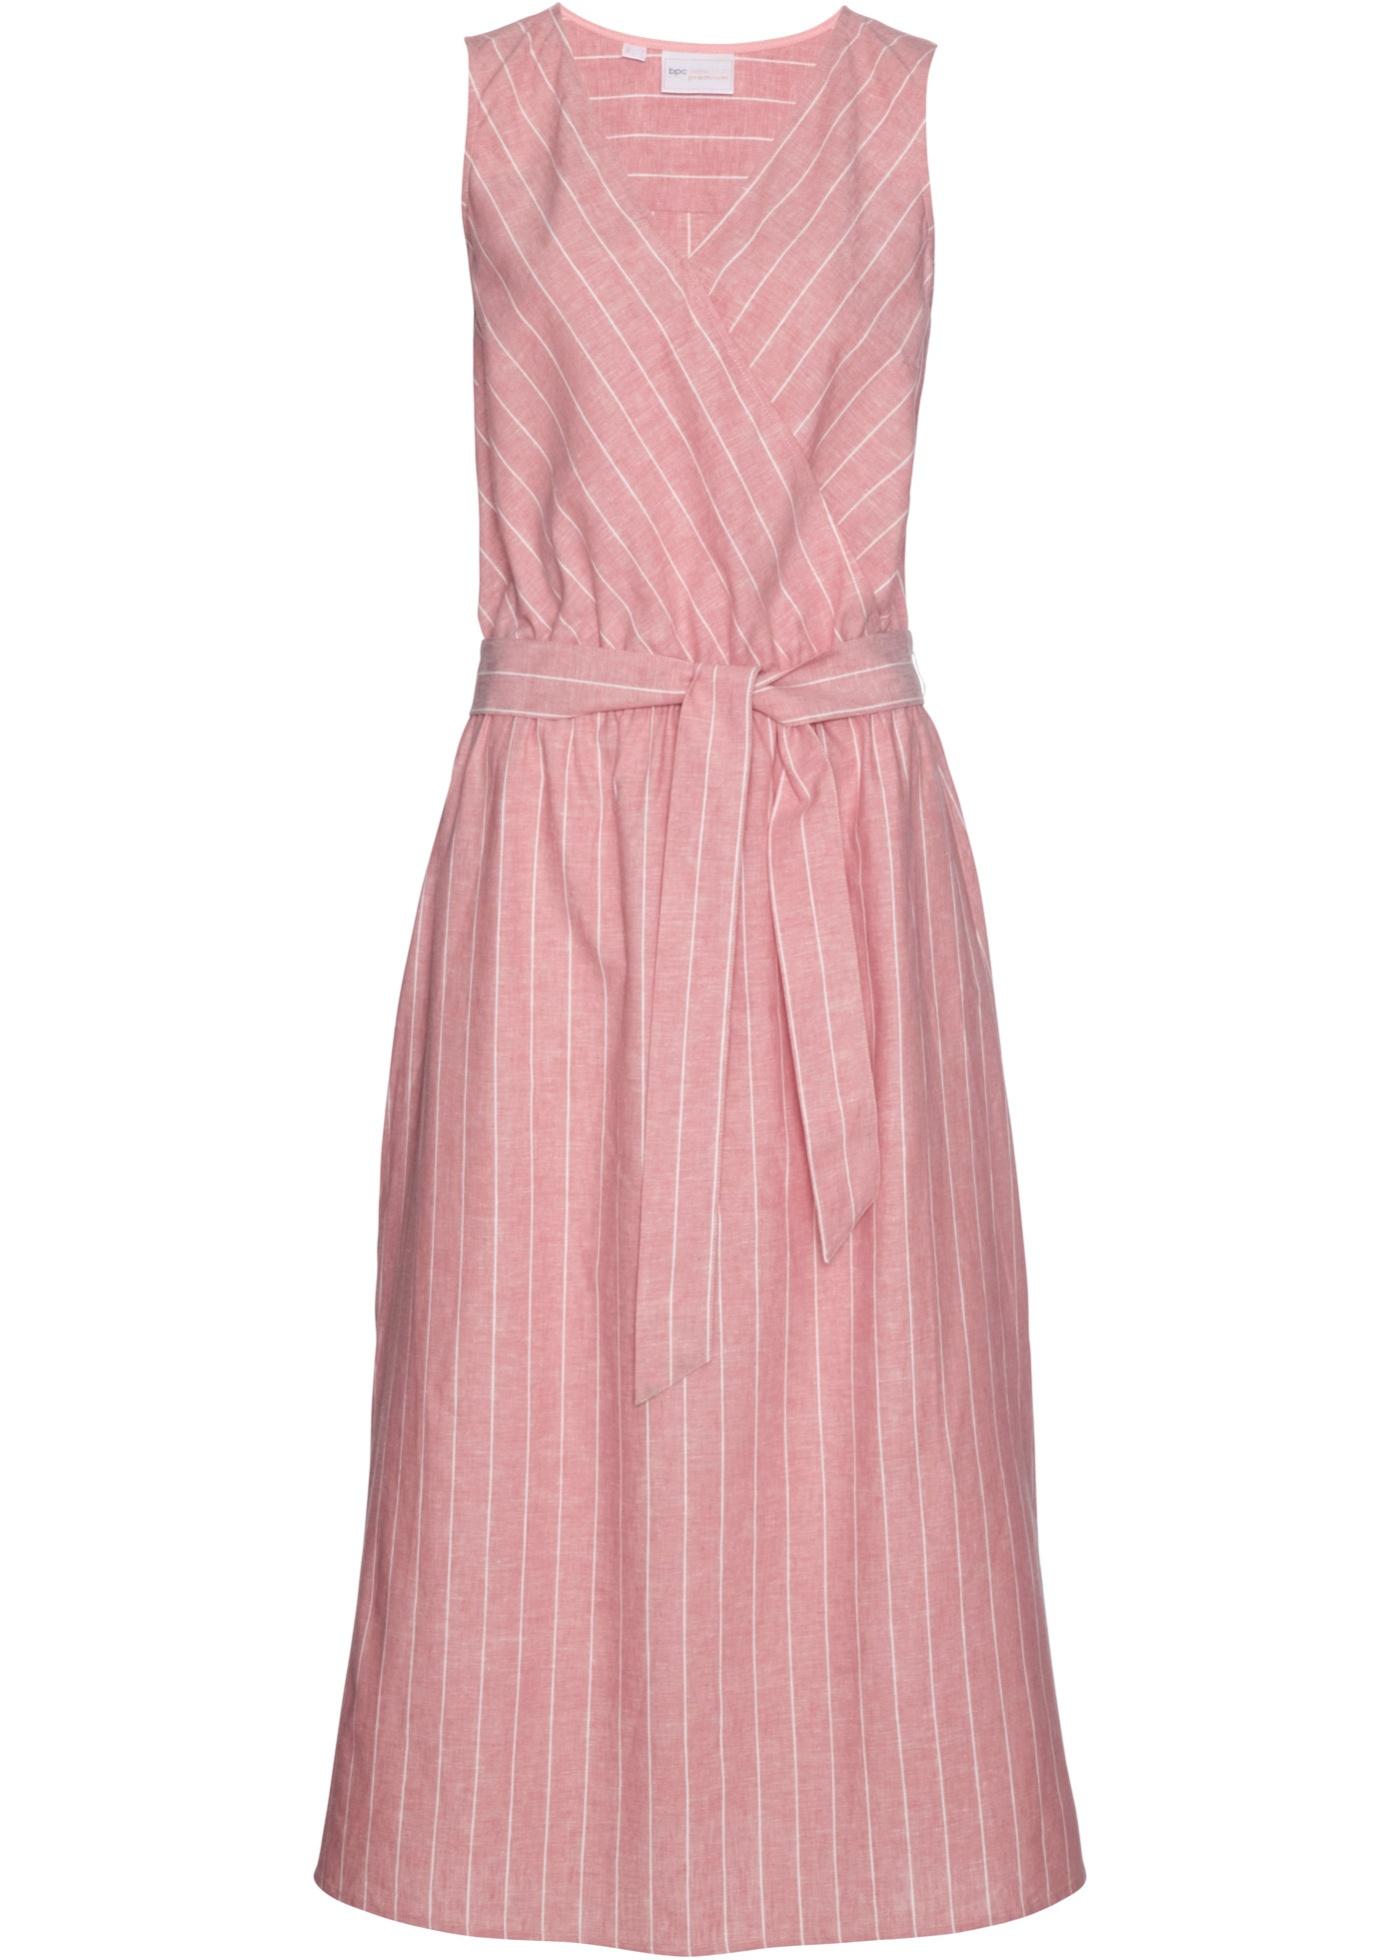 Selection Pour Lin BonprixRobe En Manches Premium Sans D'été Rose Bpc Femme JcFT1ul3K